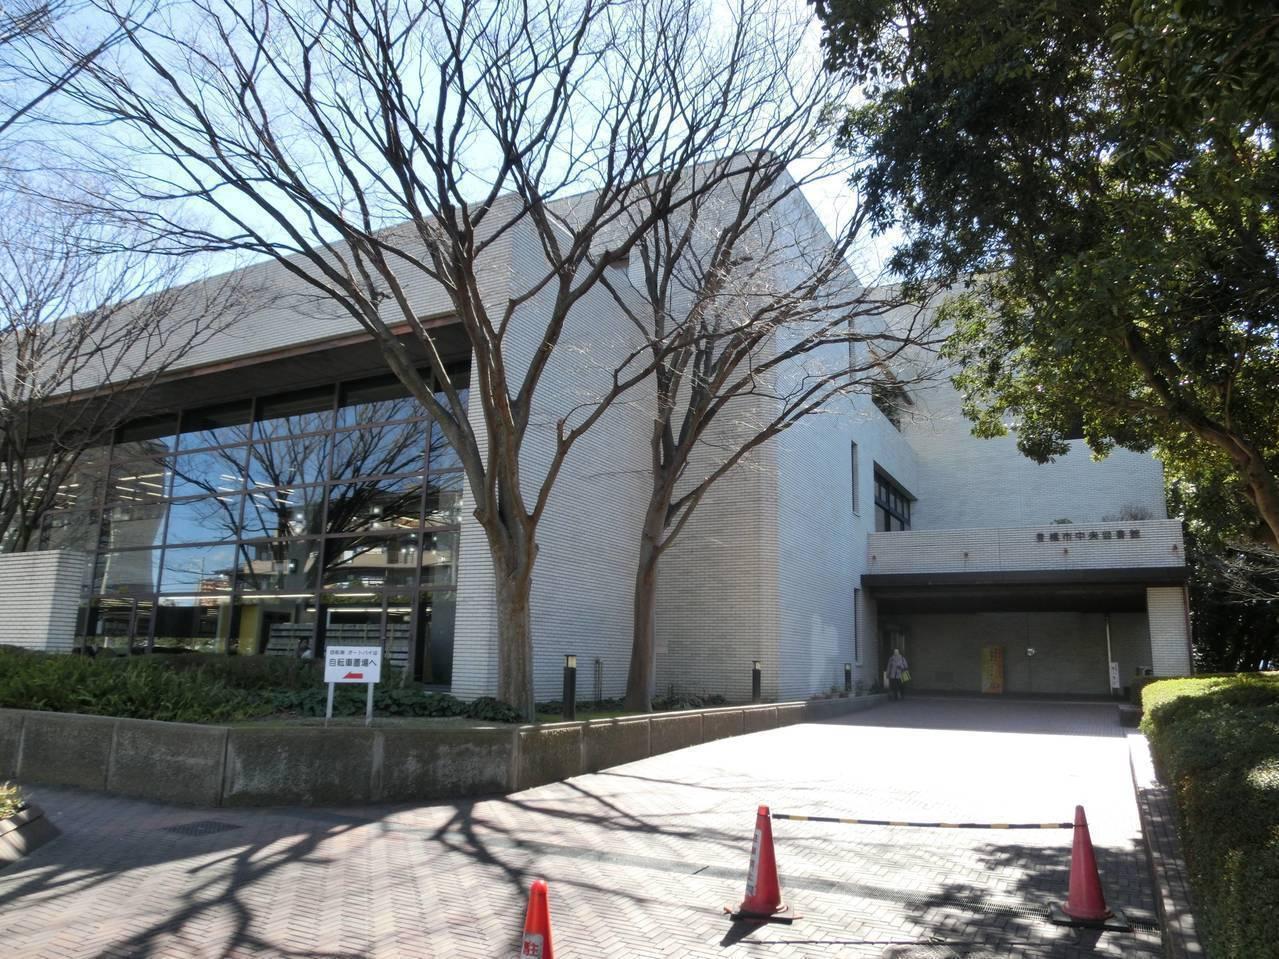 【図書館】豊橋市中央図書館まで徒歩21分(1601m)